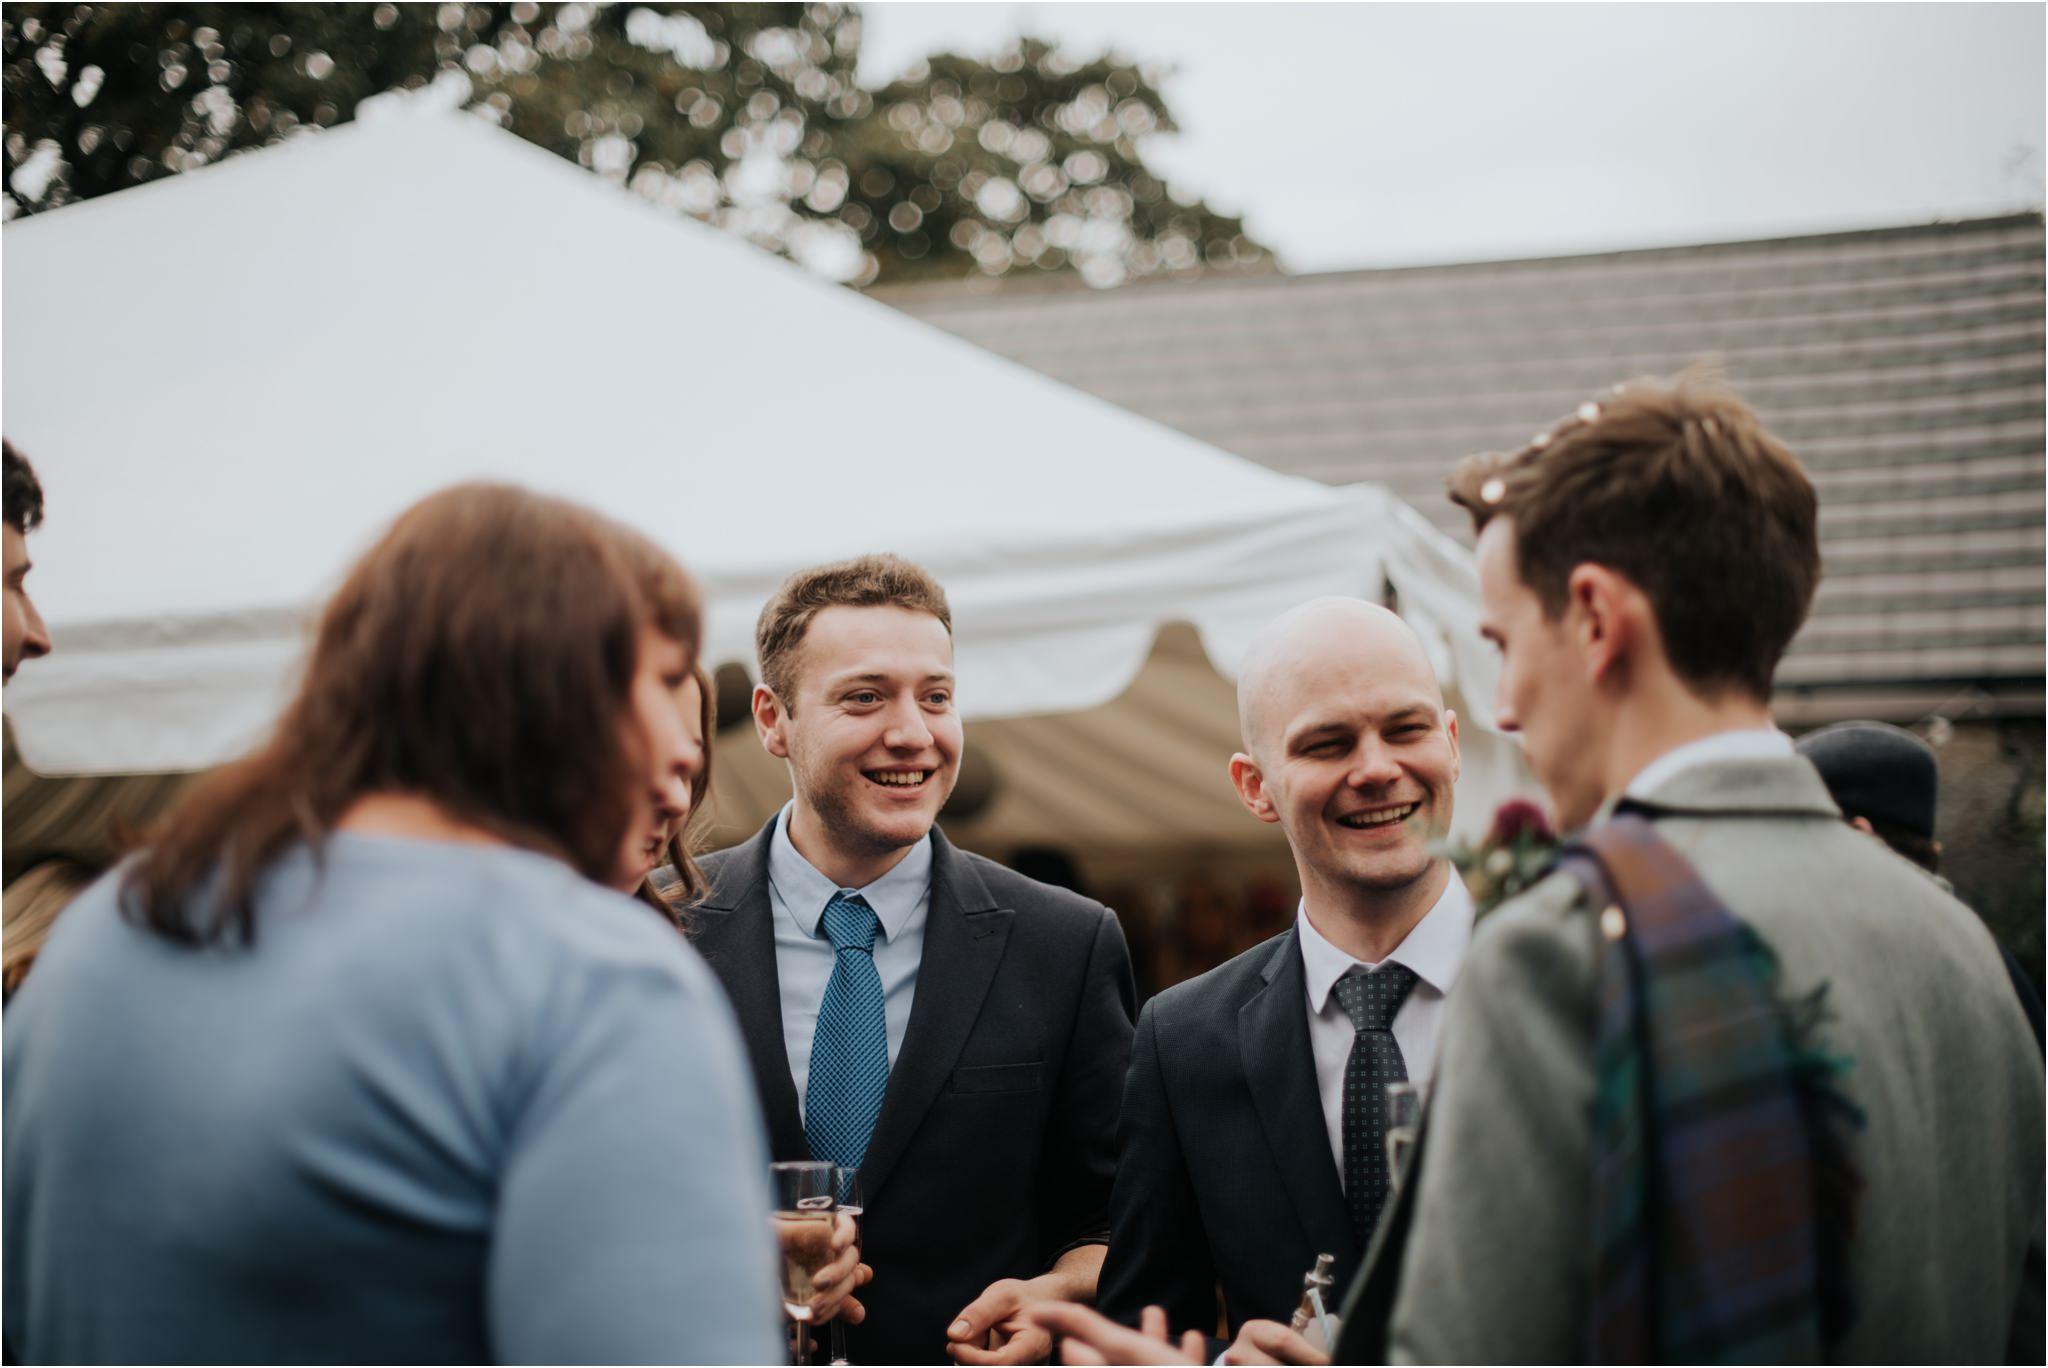 Photography 78 - Glasgow Wedding Photographer - Pete & Eilidh - Dalduff Farm_0064.jpg